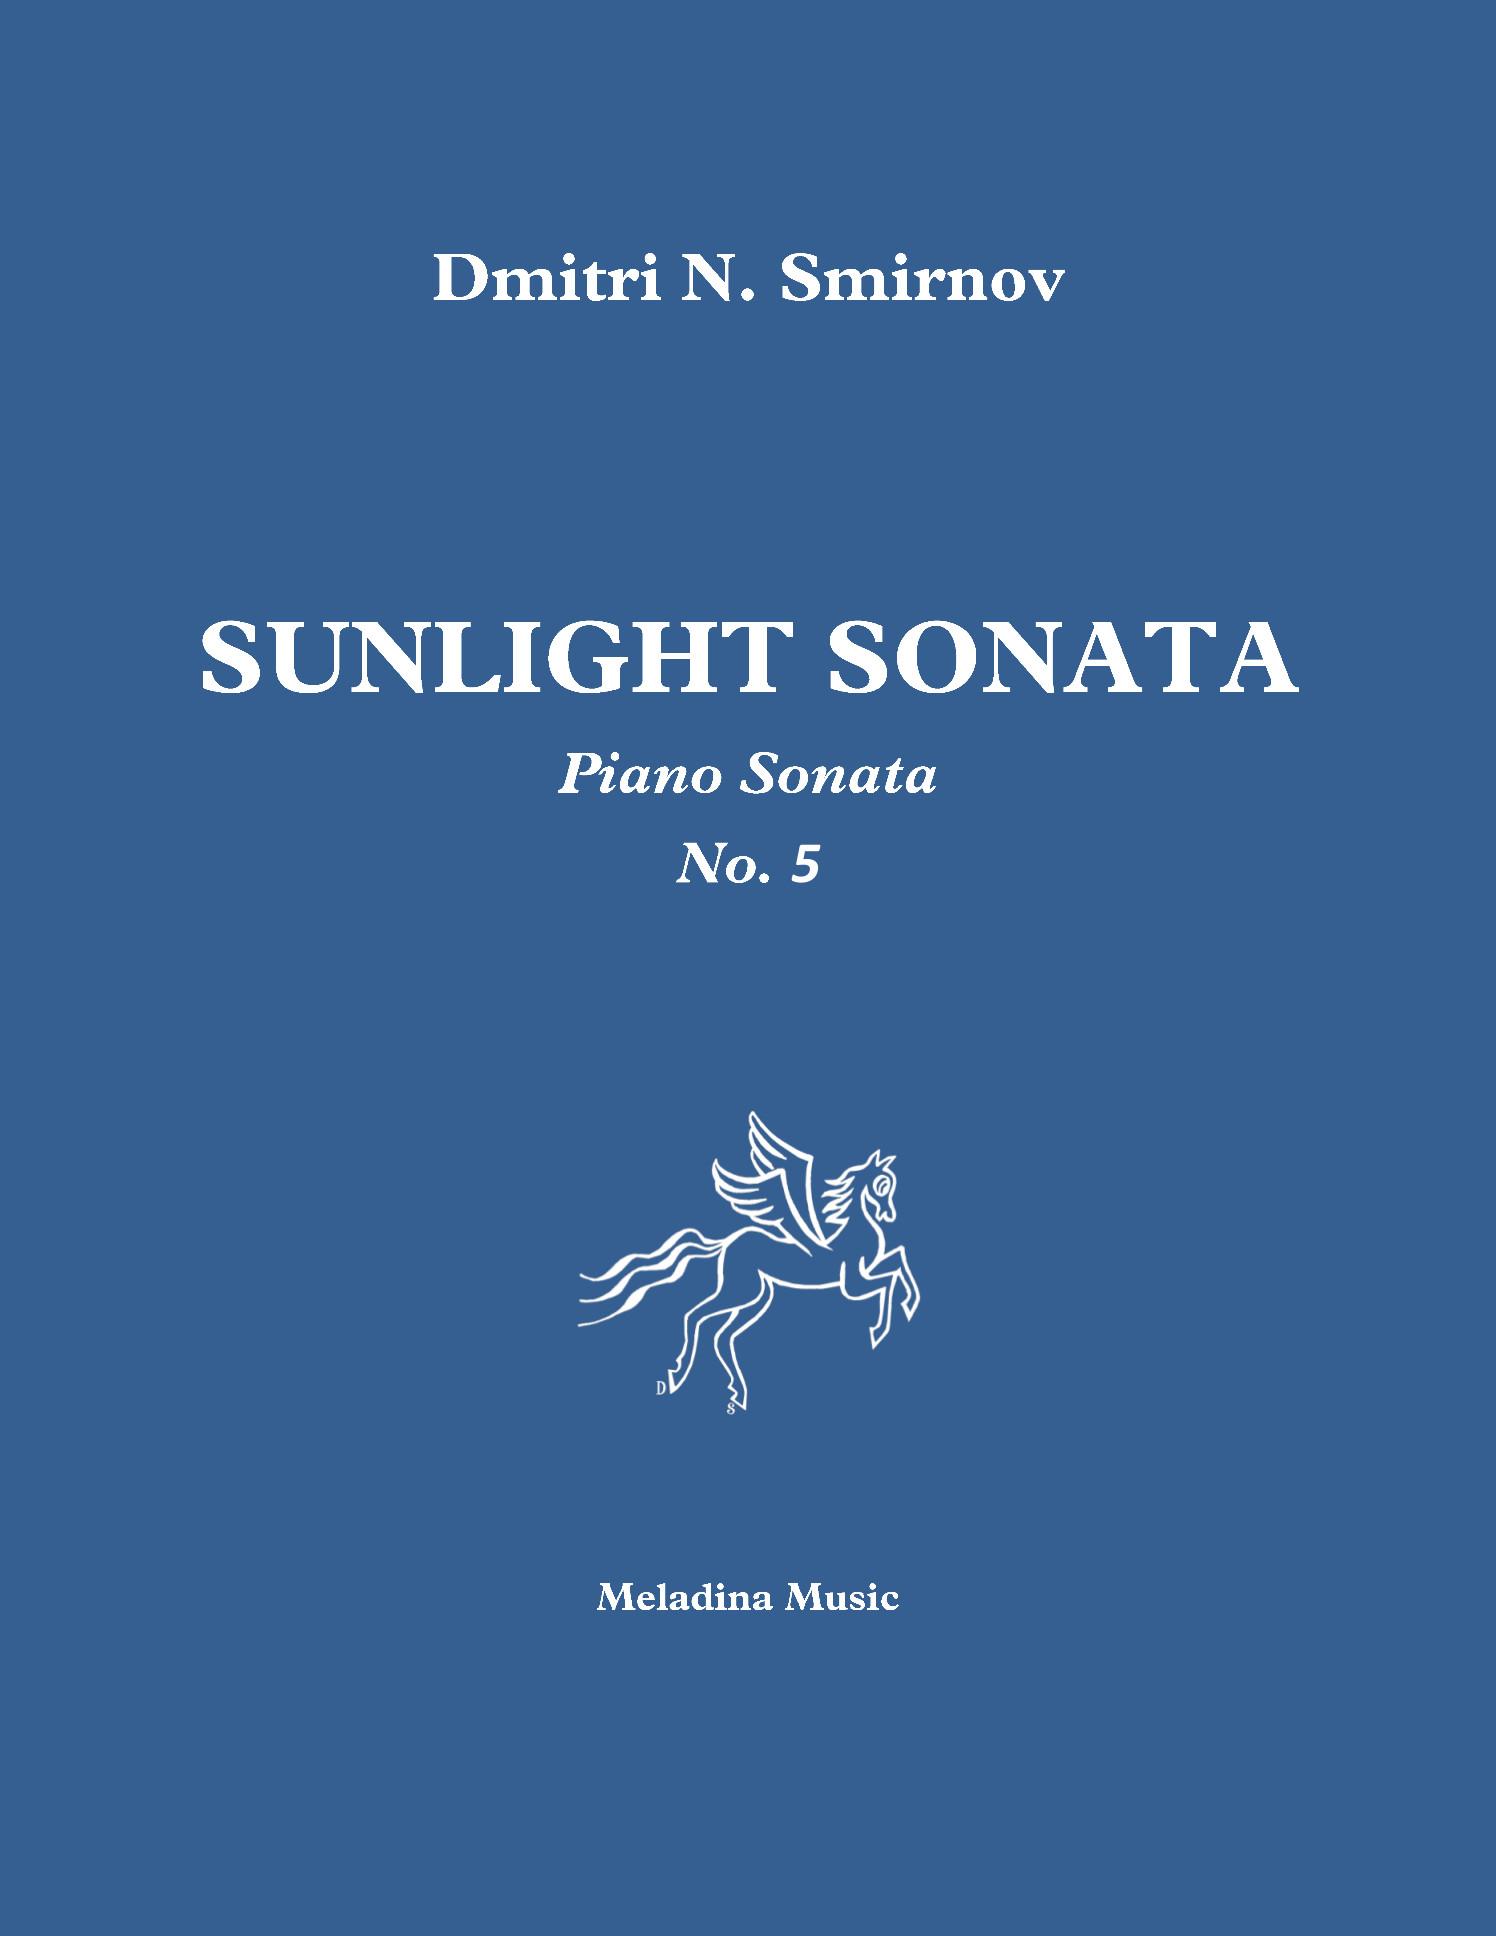 MM003 DS Sunlight Sonata Cover.jpg